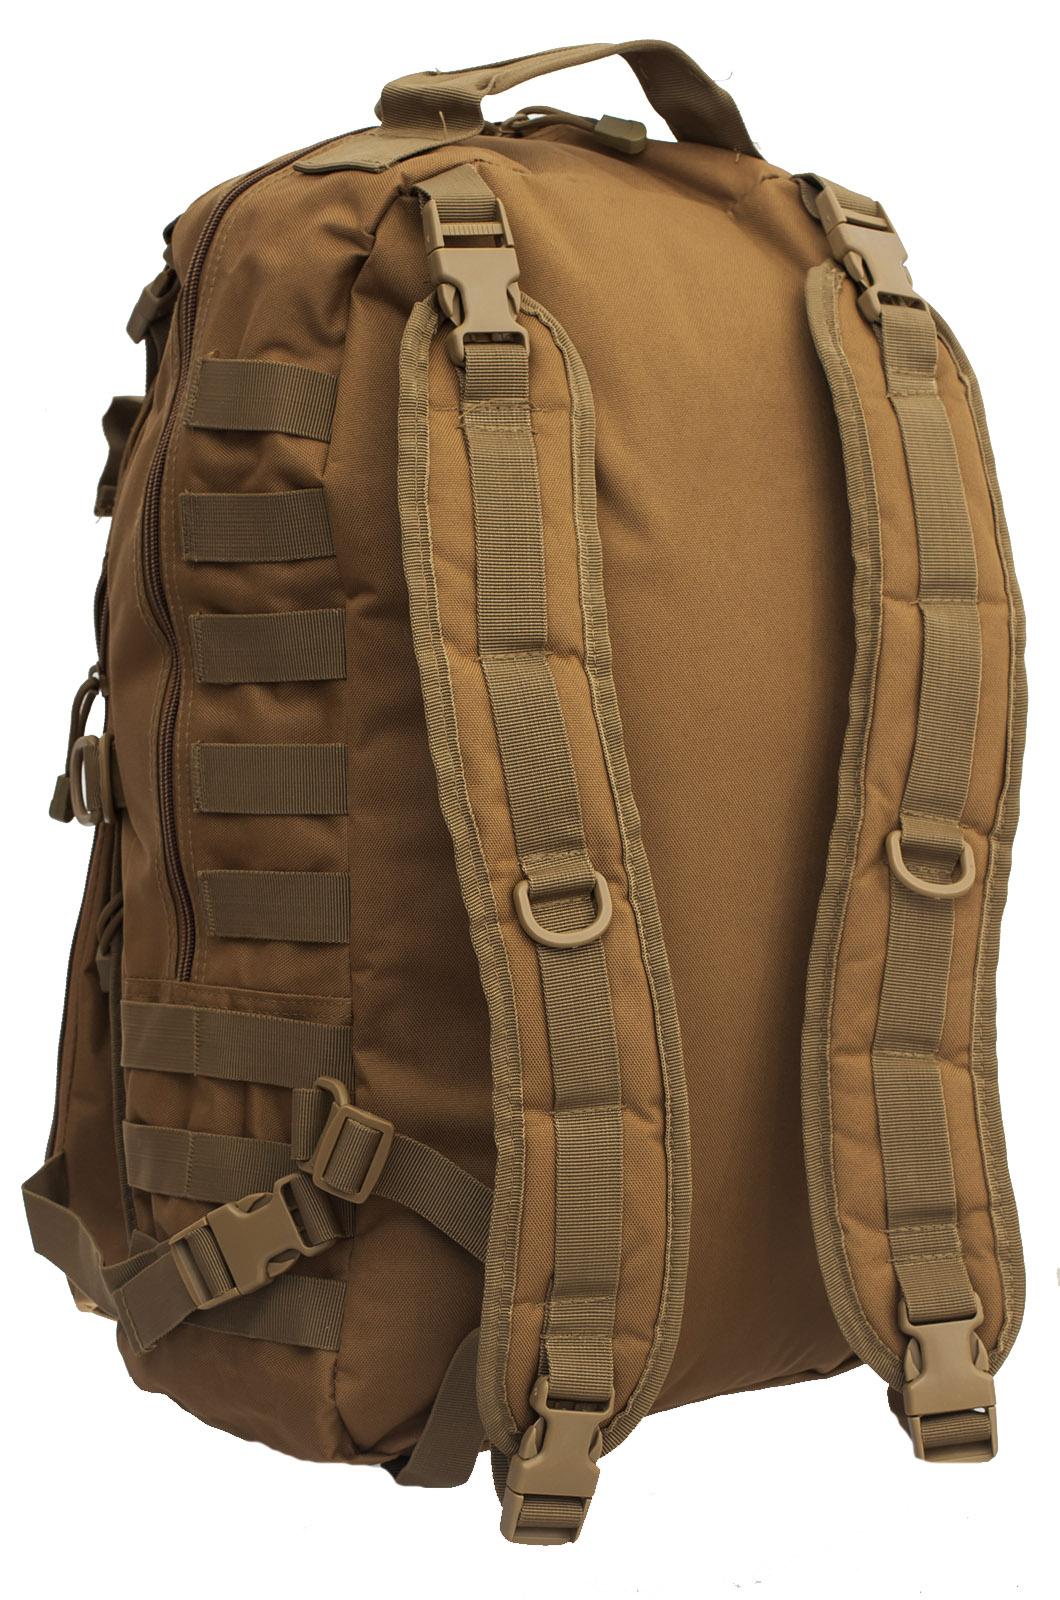 Тактический штурмовой рюкзак с нашивкой ДПС - купить в розницу